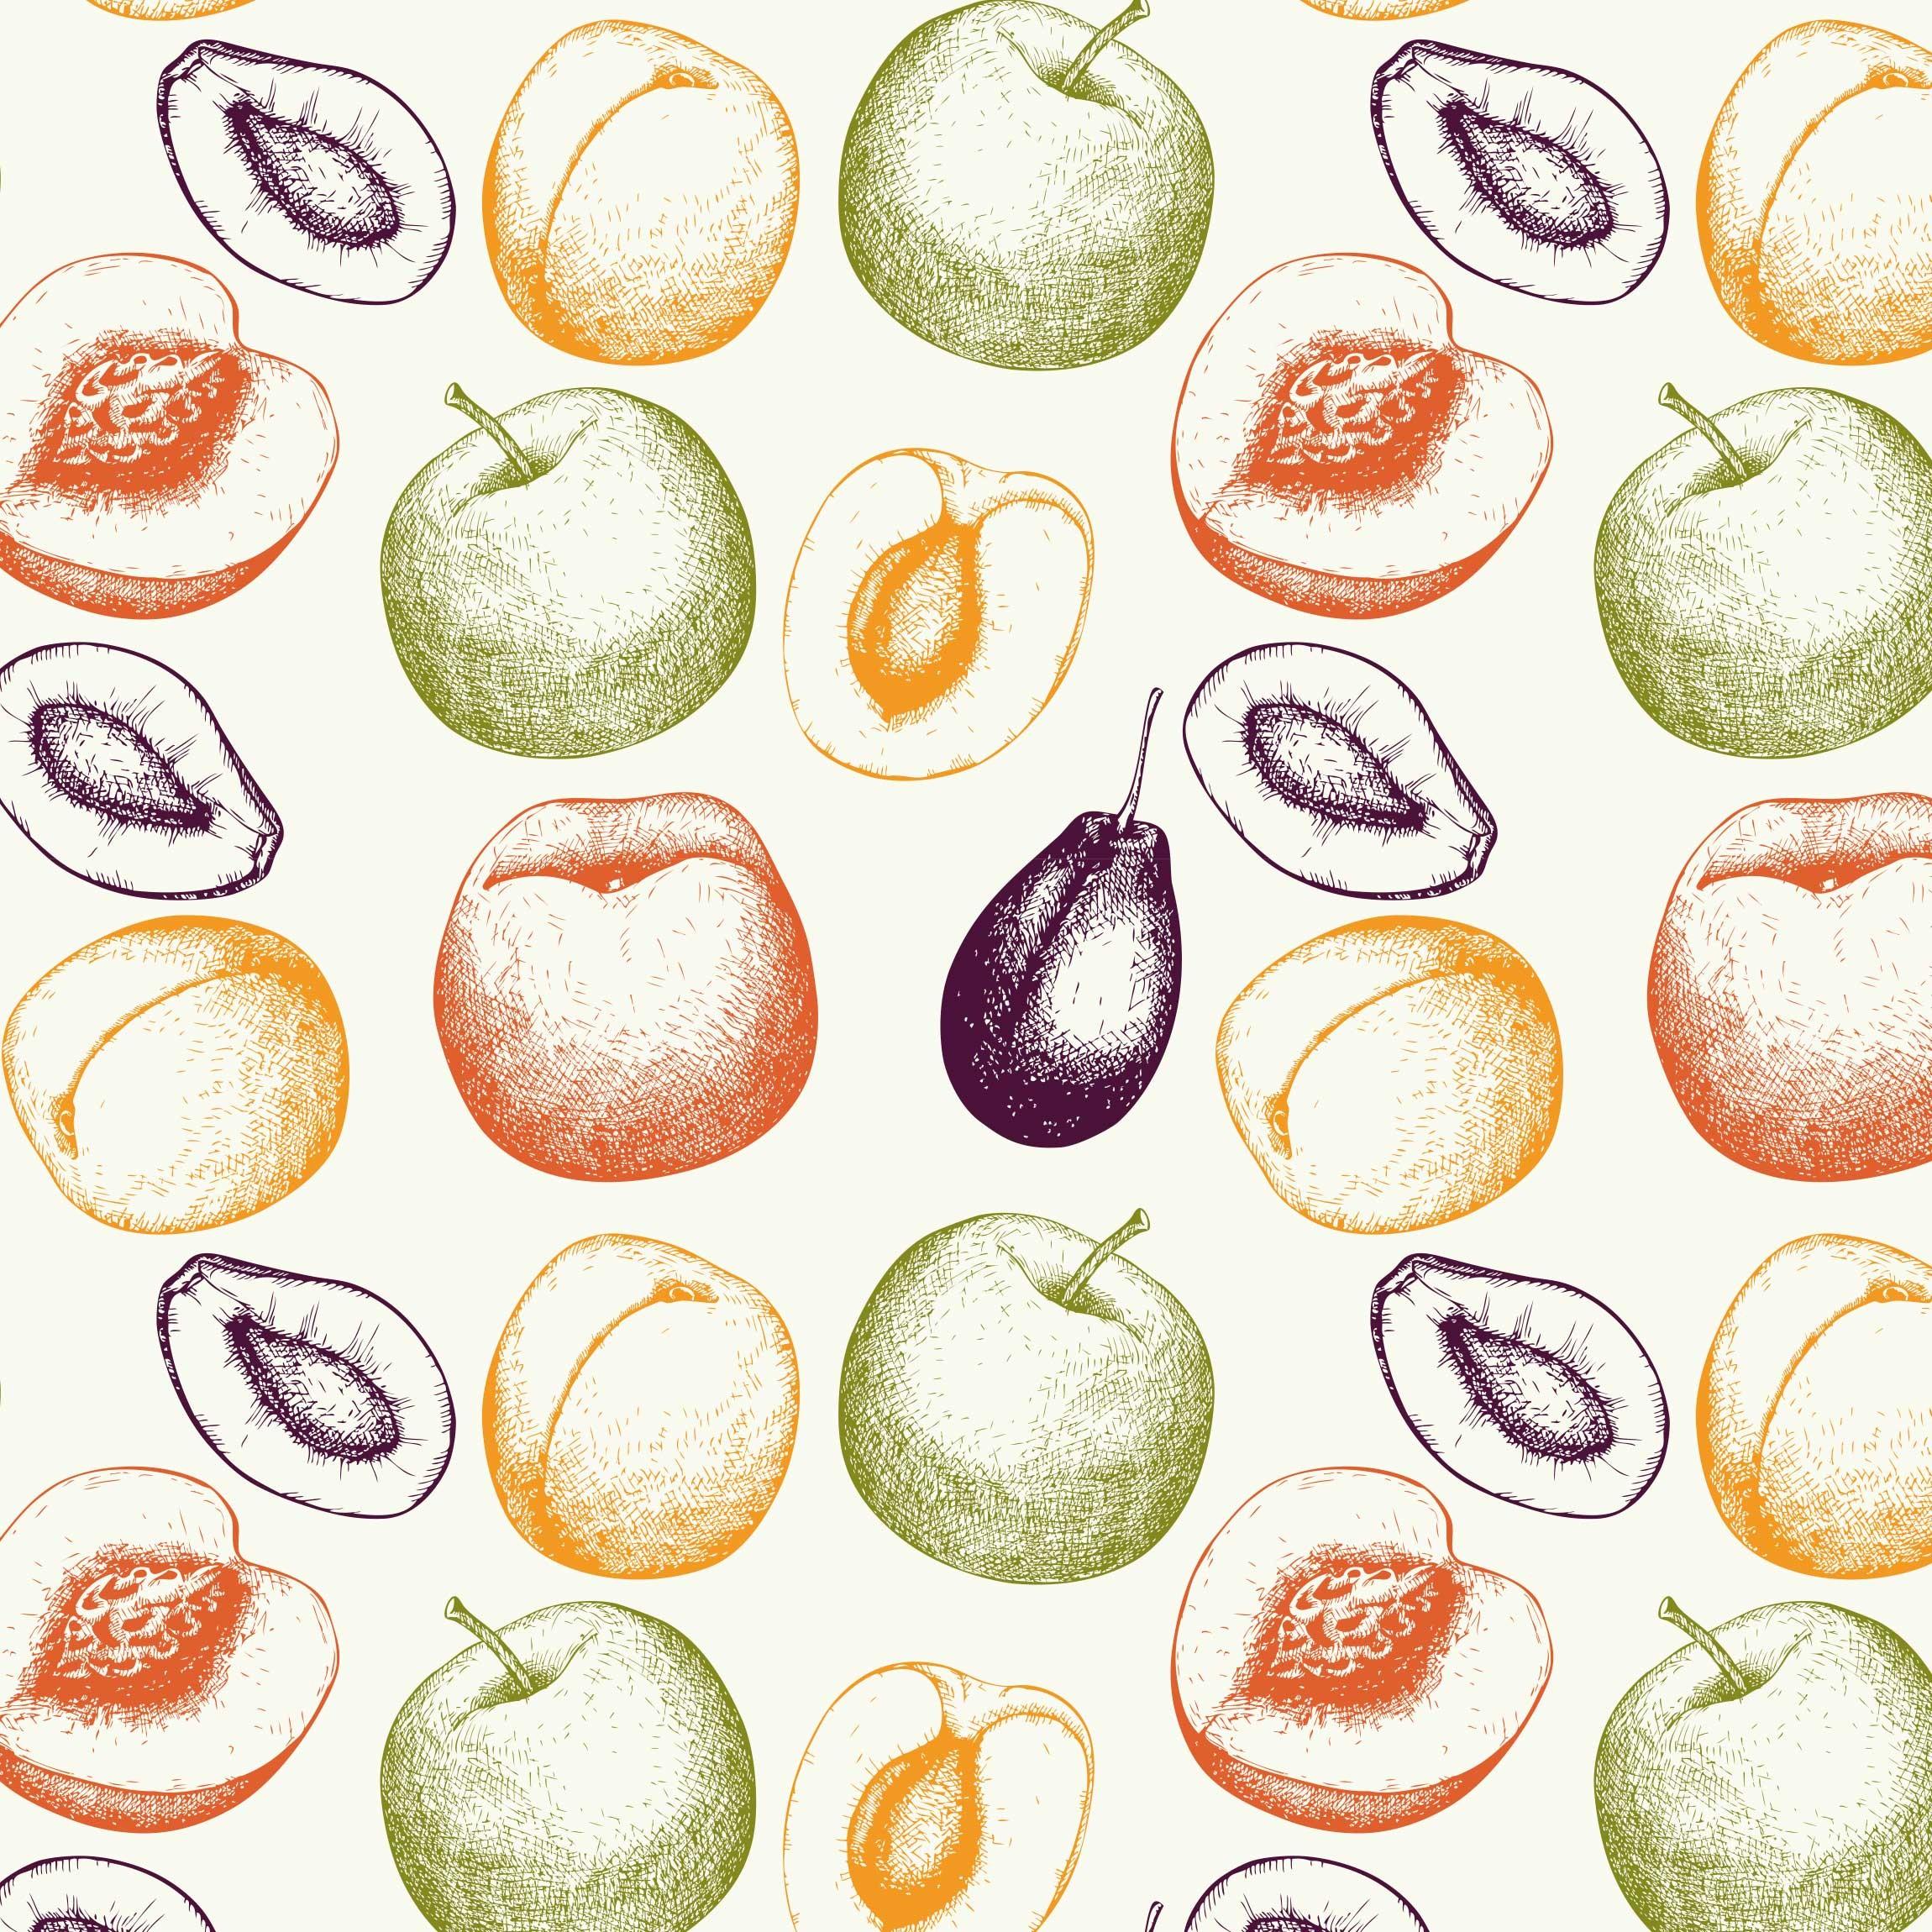 klebefolie handgezeichnetes obst kchen muster selbstklebende folie - Kuchen Muster